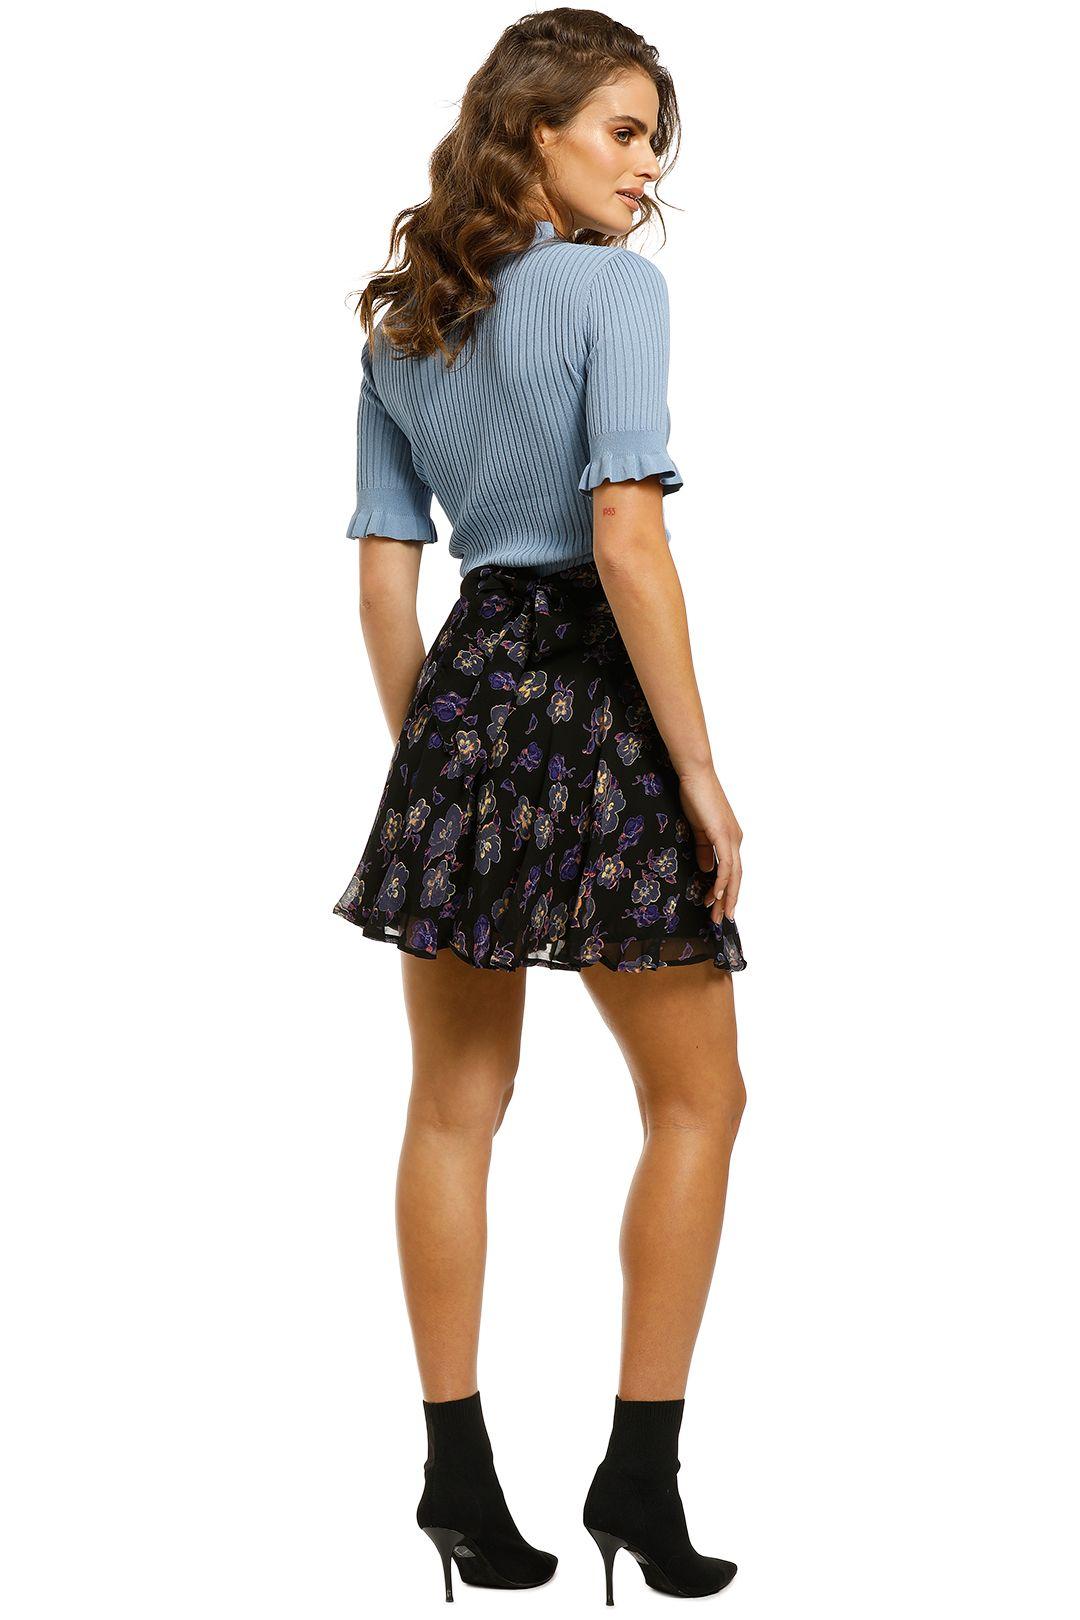 Ganni-Floral-Printed-Georgette-Skirt-Back